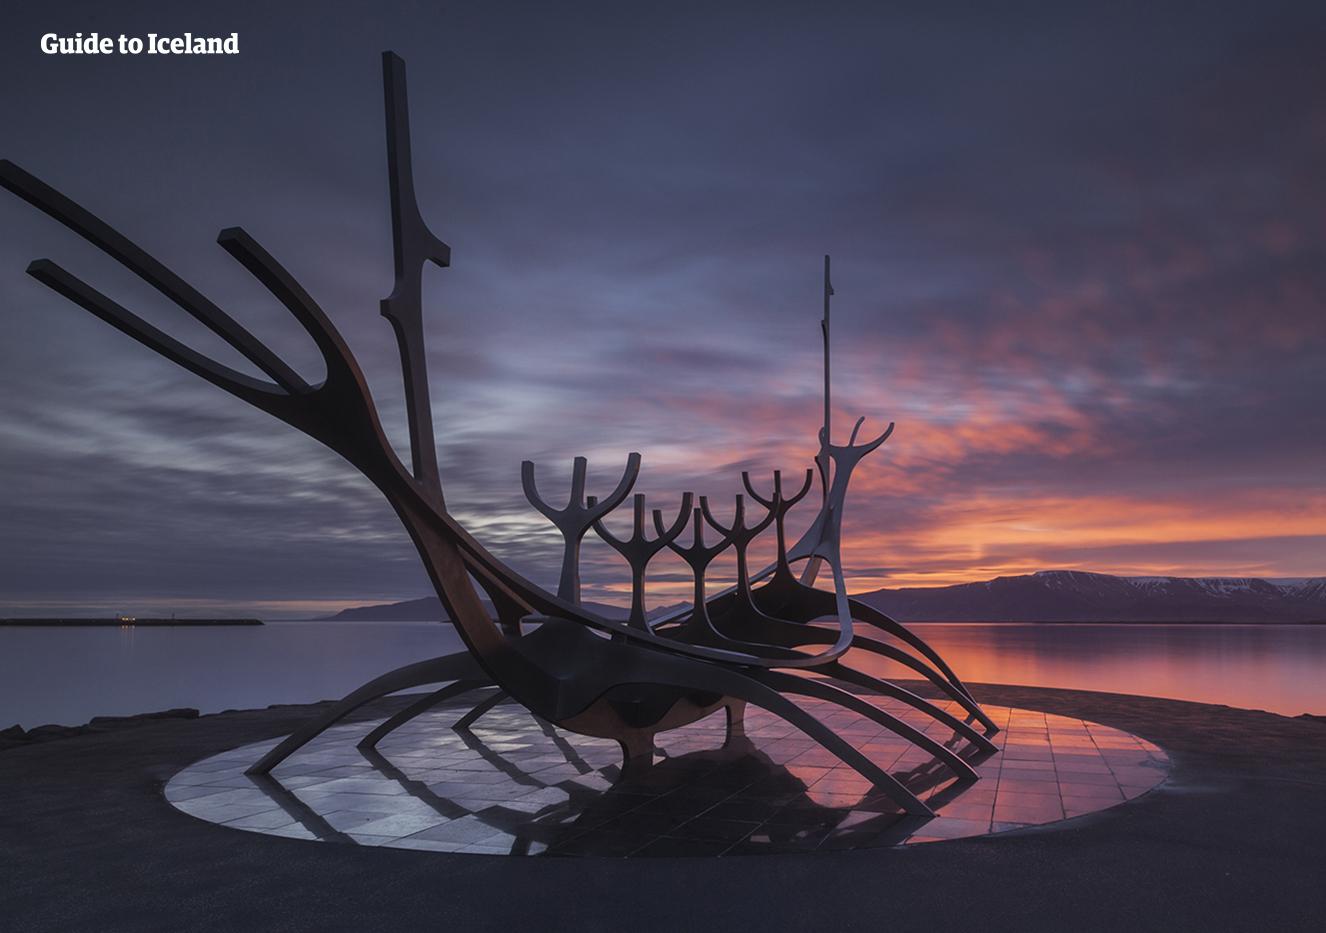 Autotour été de 4 jours | Escapade dans le Sud-Ouest de l'Islande - day 4